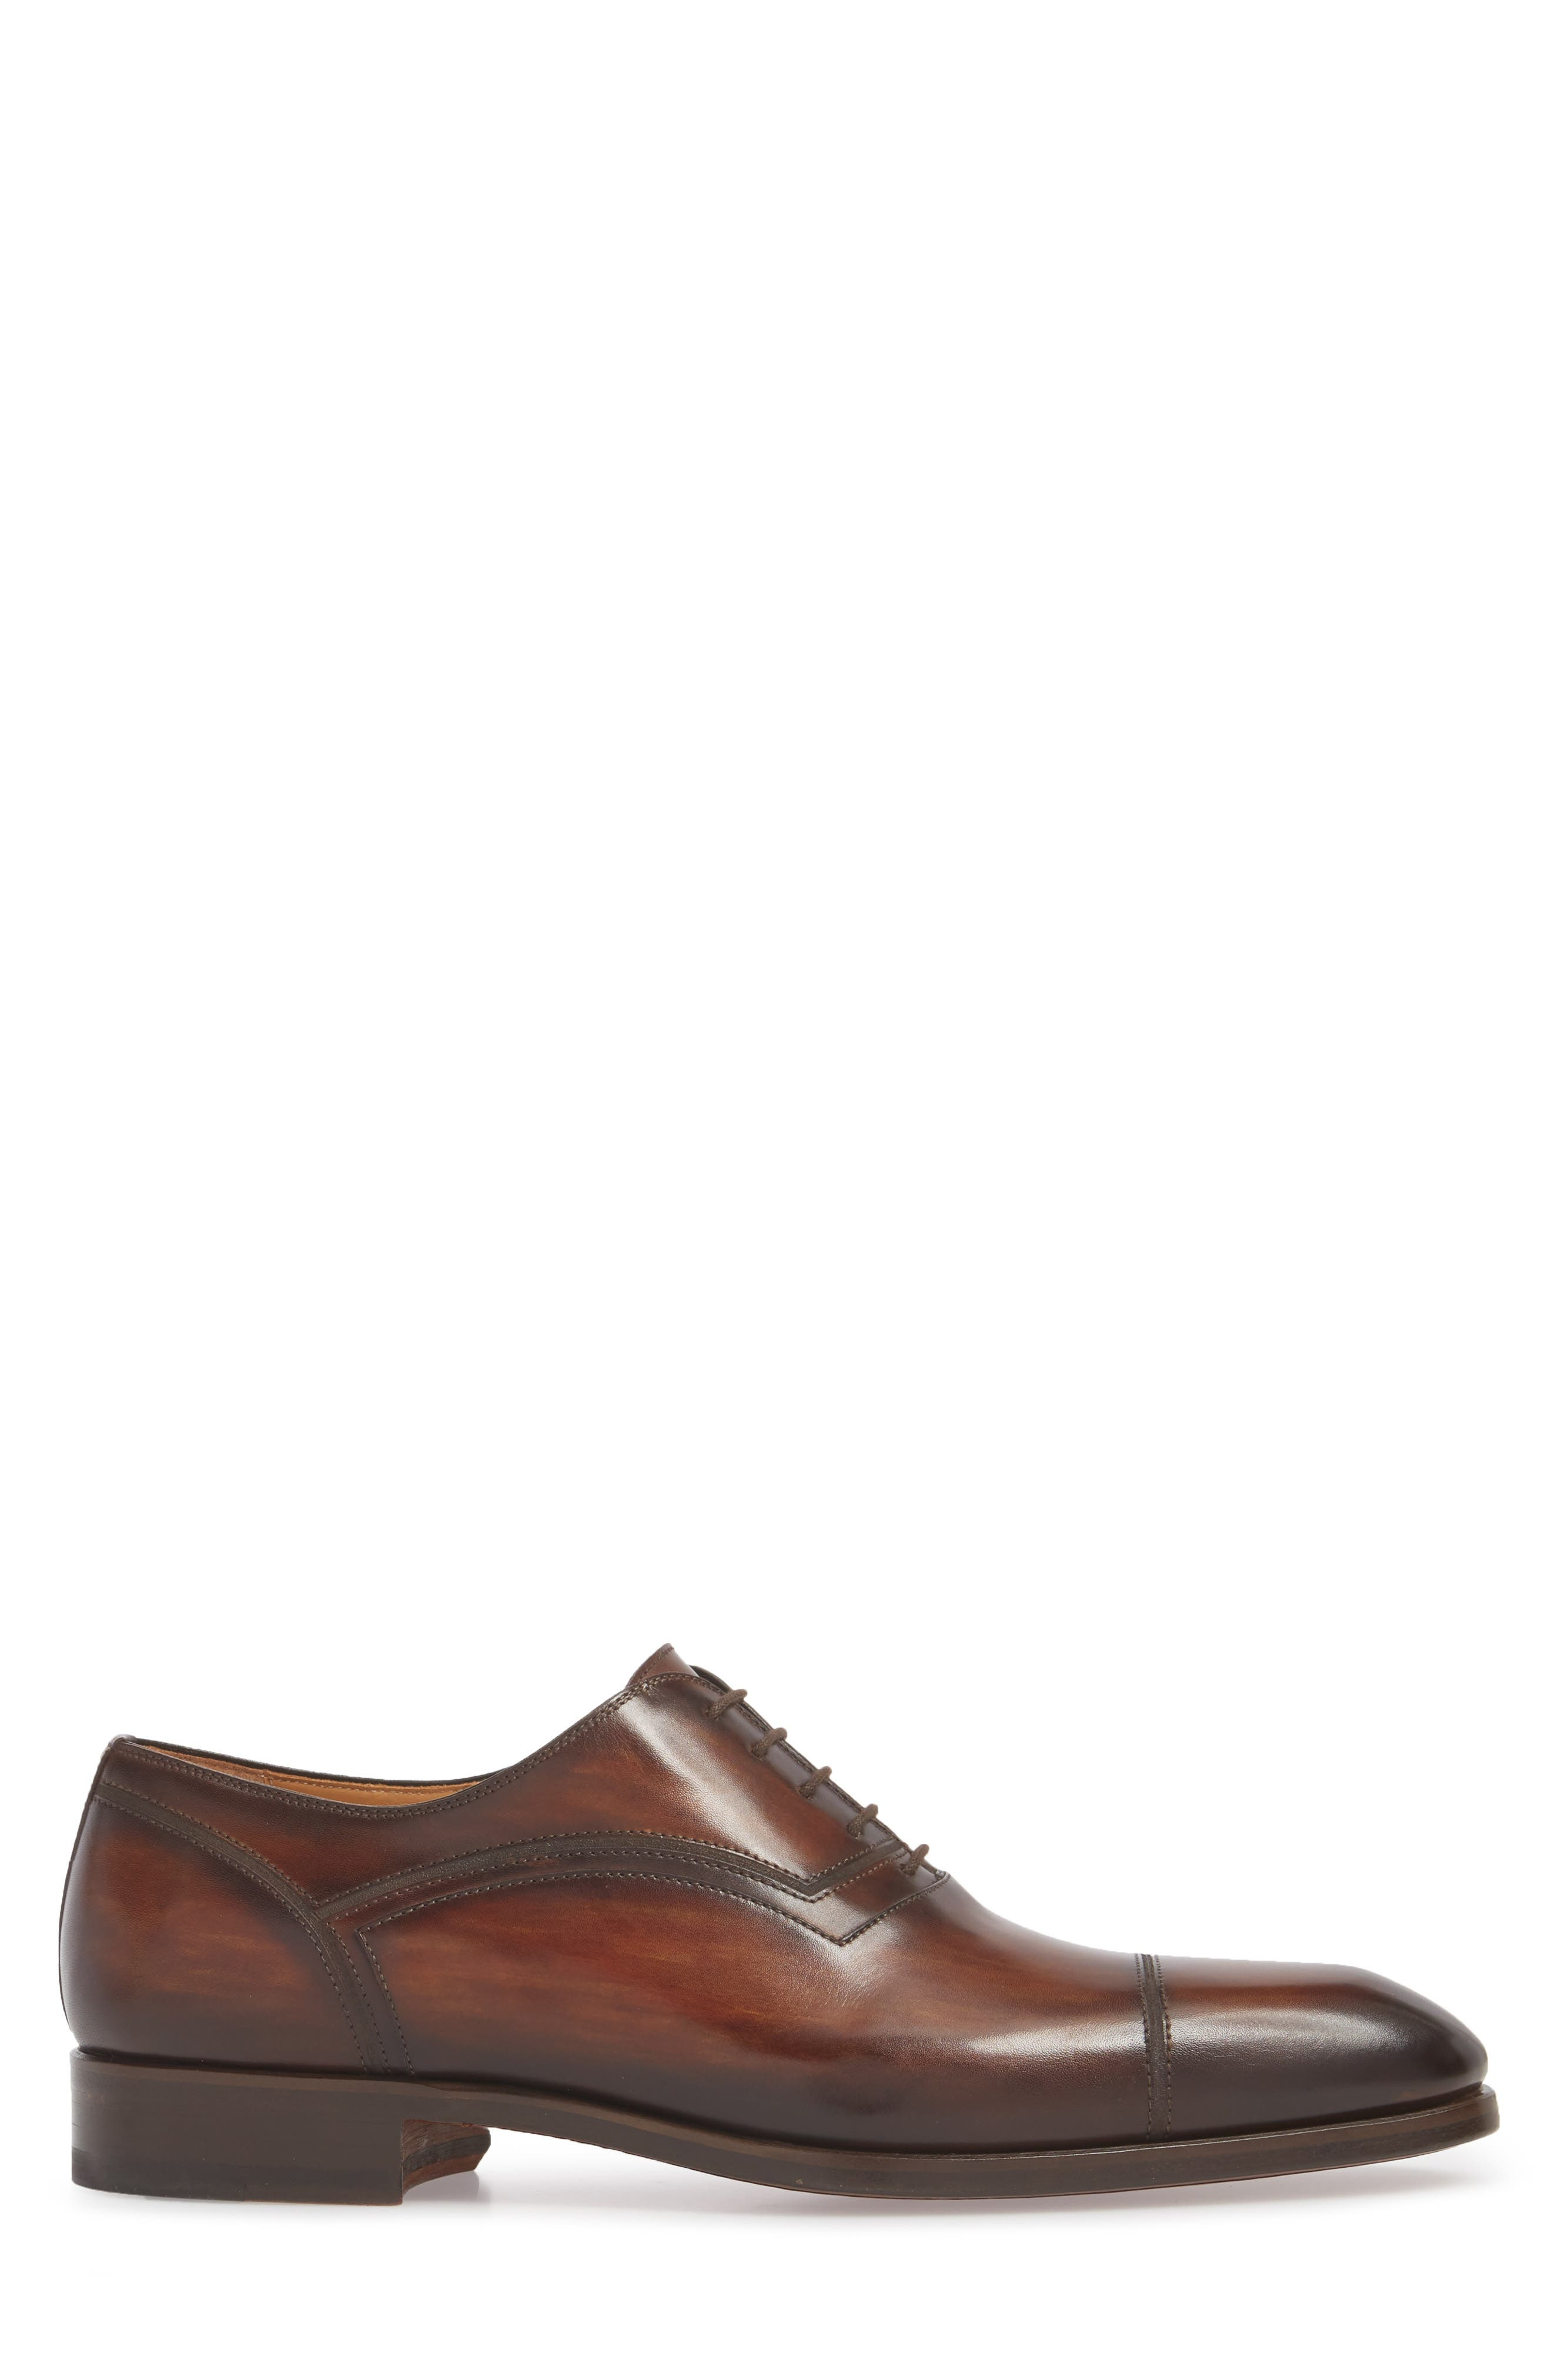 Cadiz Whole Cut Shoe,                             Alternate thumbnail 3, color,                             TOBACCO LEATHER